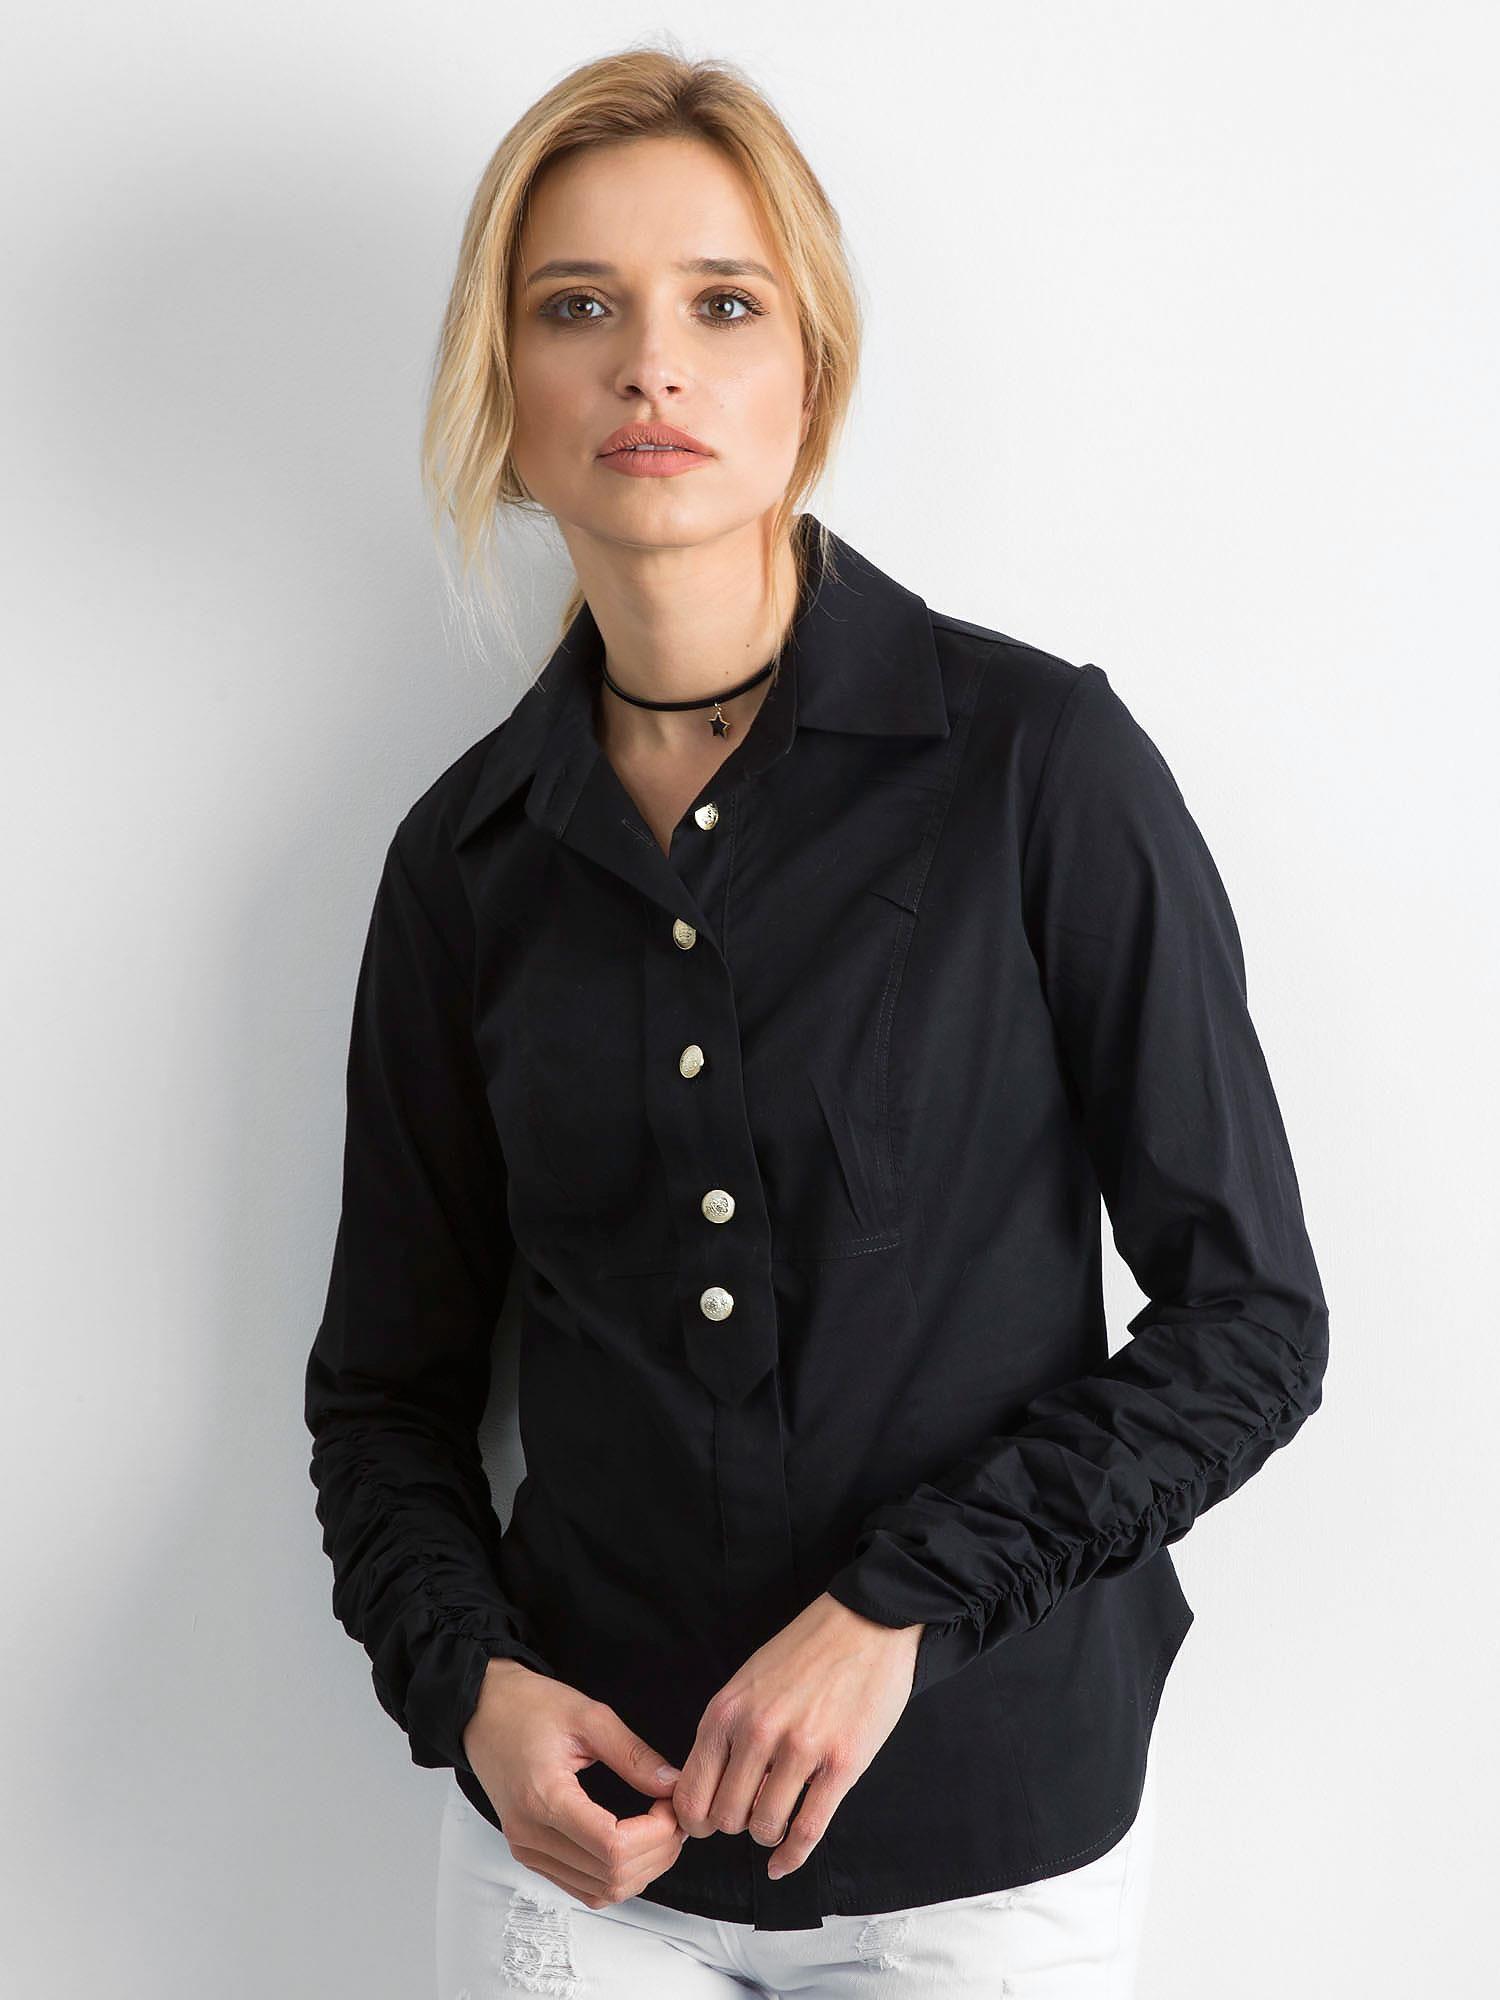 49c1a5419d1a38 BY O LA LA Czarna koszula damska - Koszula klasyczna - sklep eButik.pl